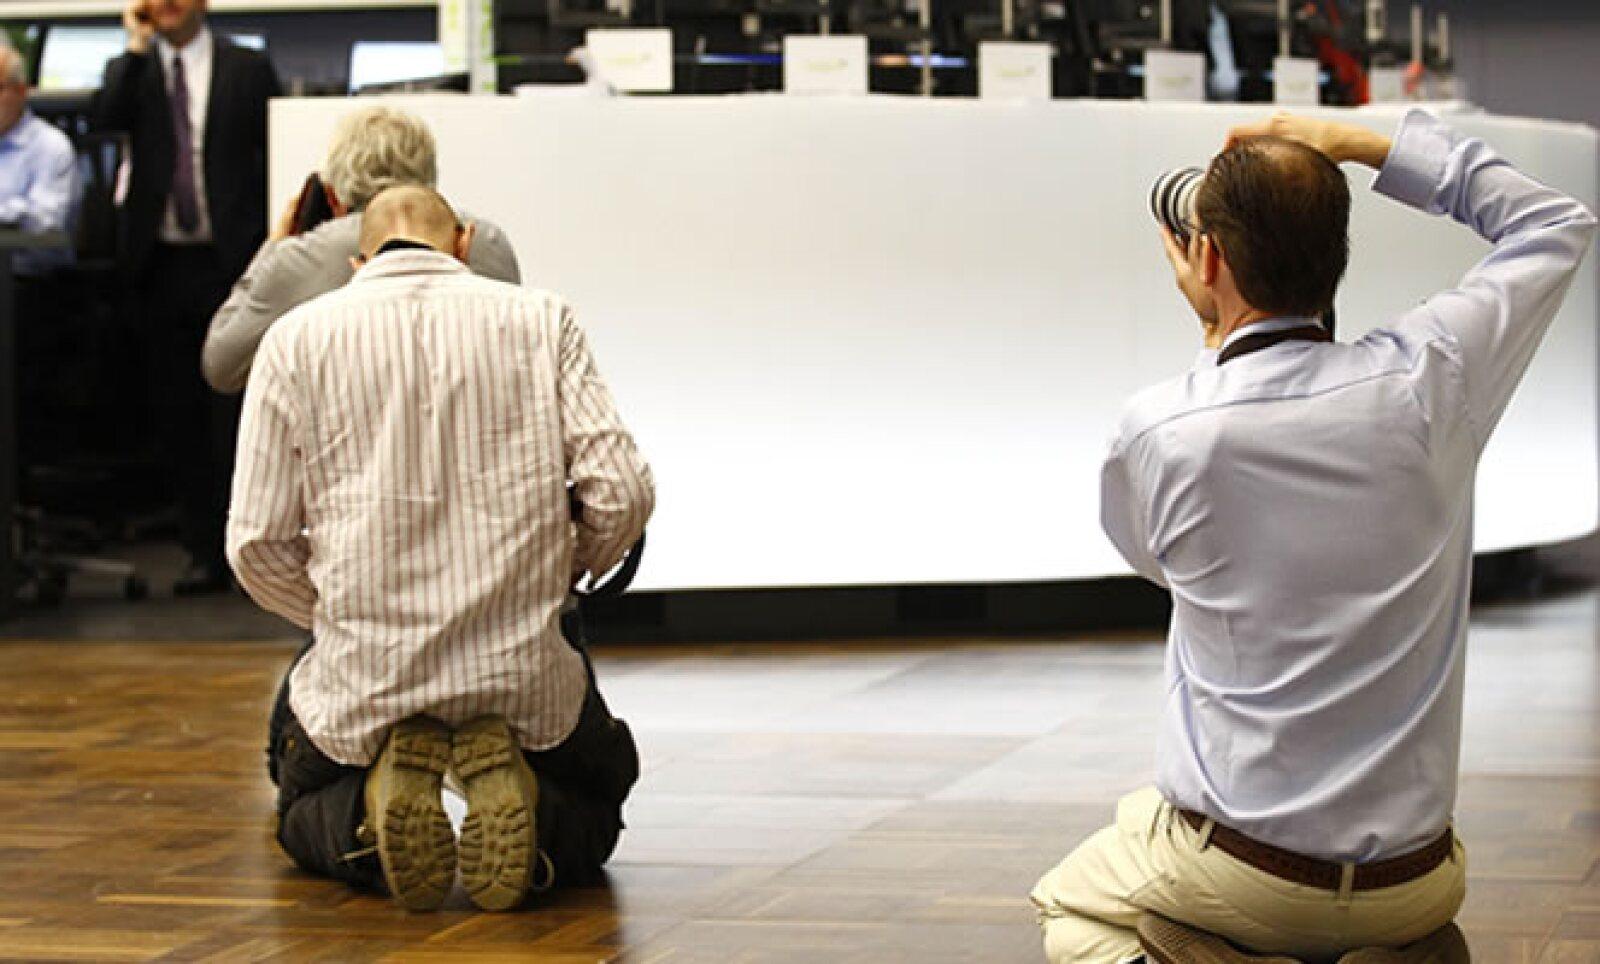 Reporteros gráficos buscan el mejor lugar para capturar las reacciones en la Bolsa de Frankfurt tras la rebaja  de nota de deuda de EU.